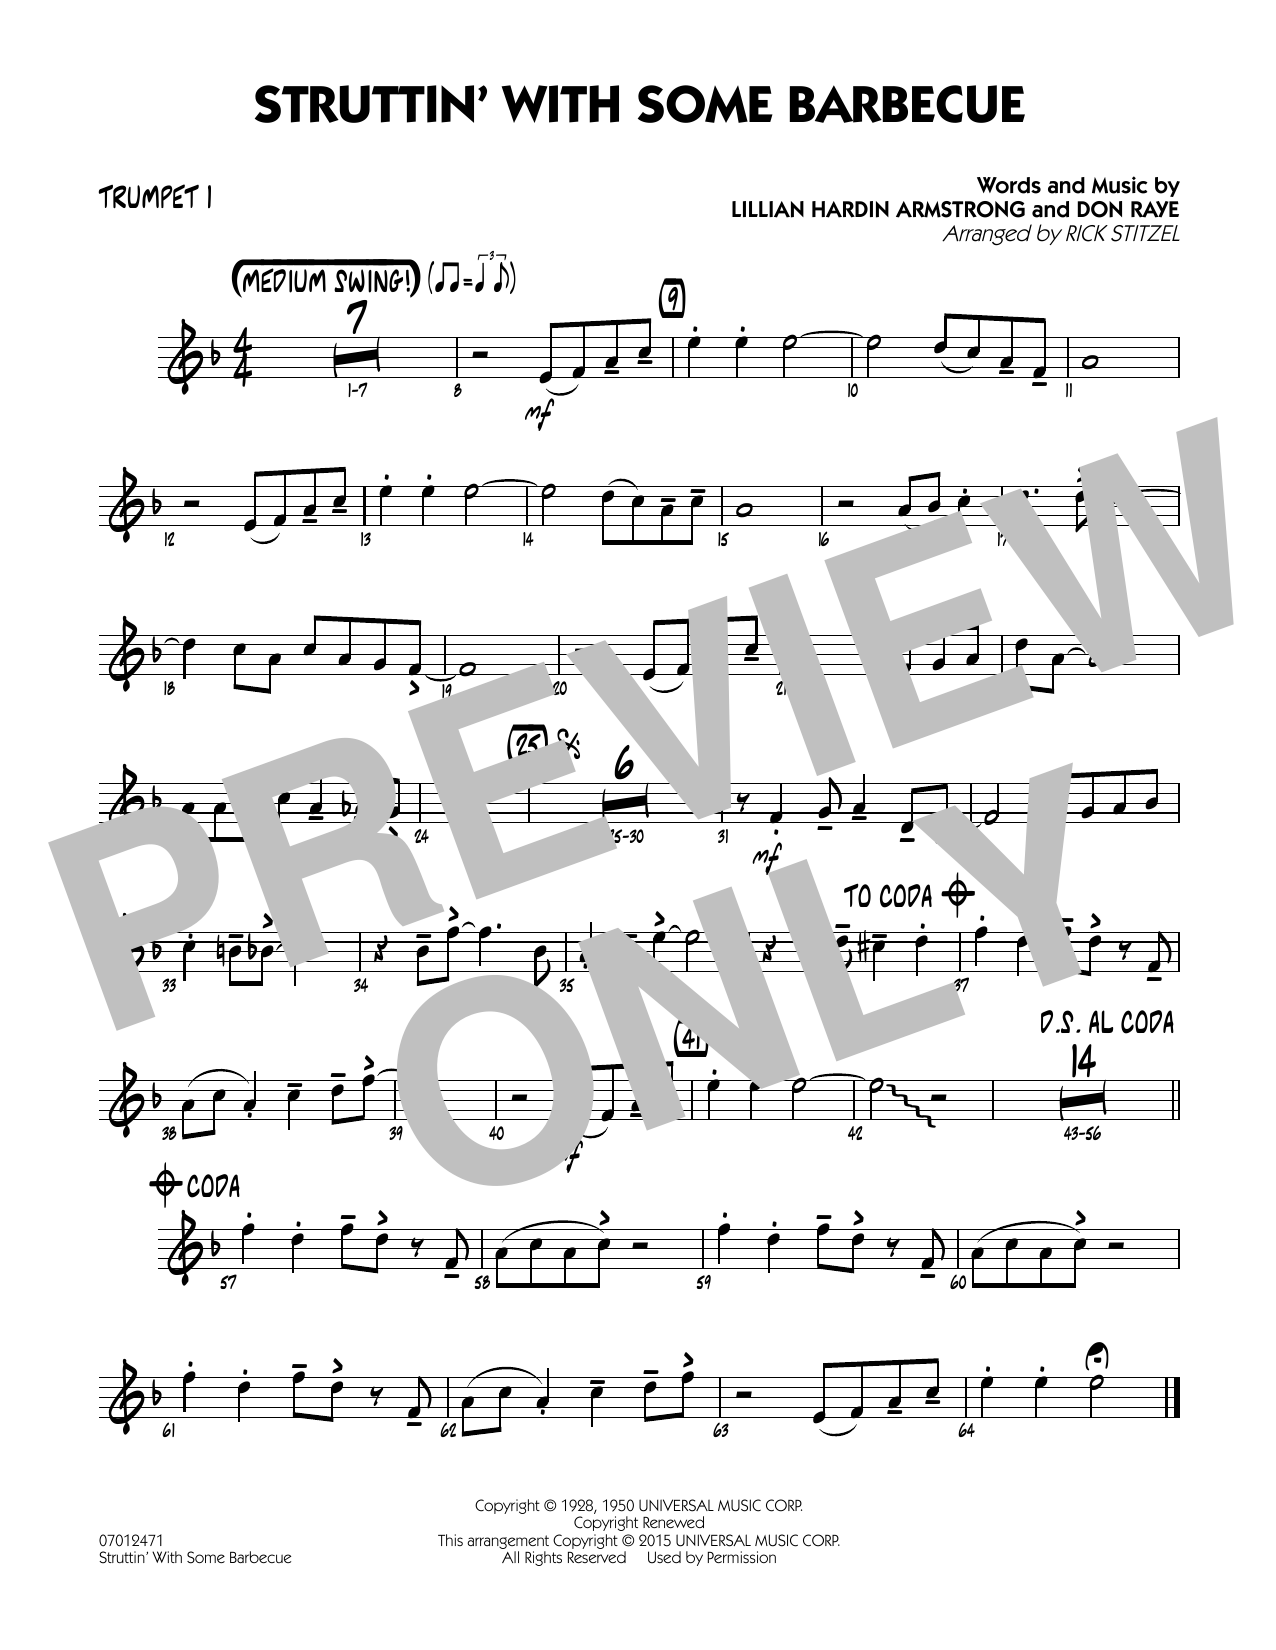 Struttin' with Some Barbecue - Trumpet 1 (Jazz Ensemble)